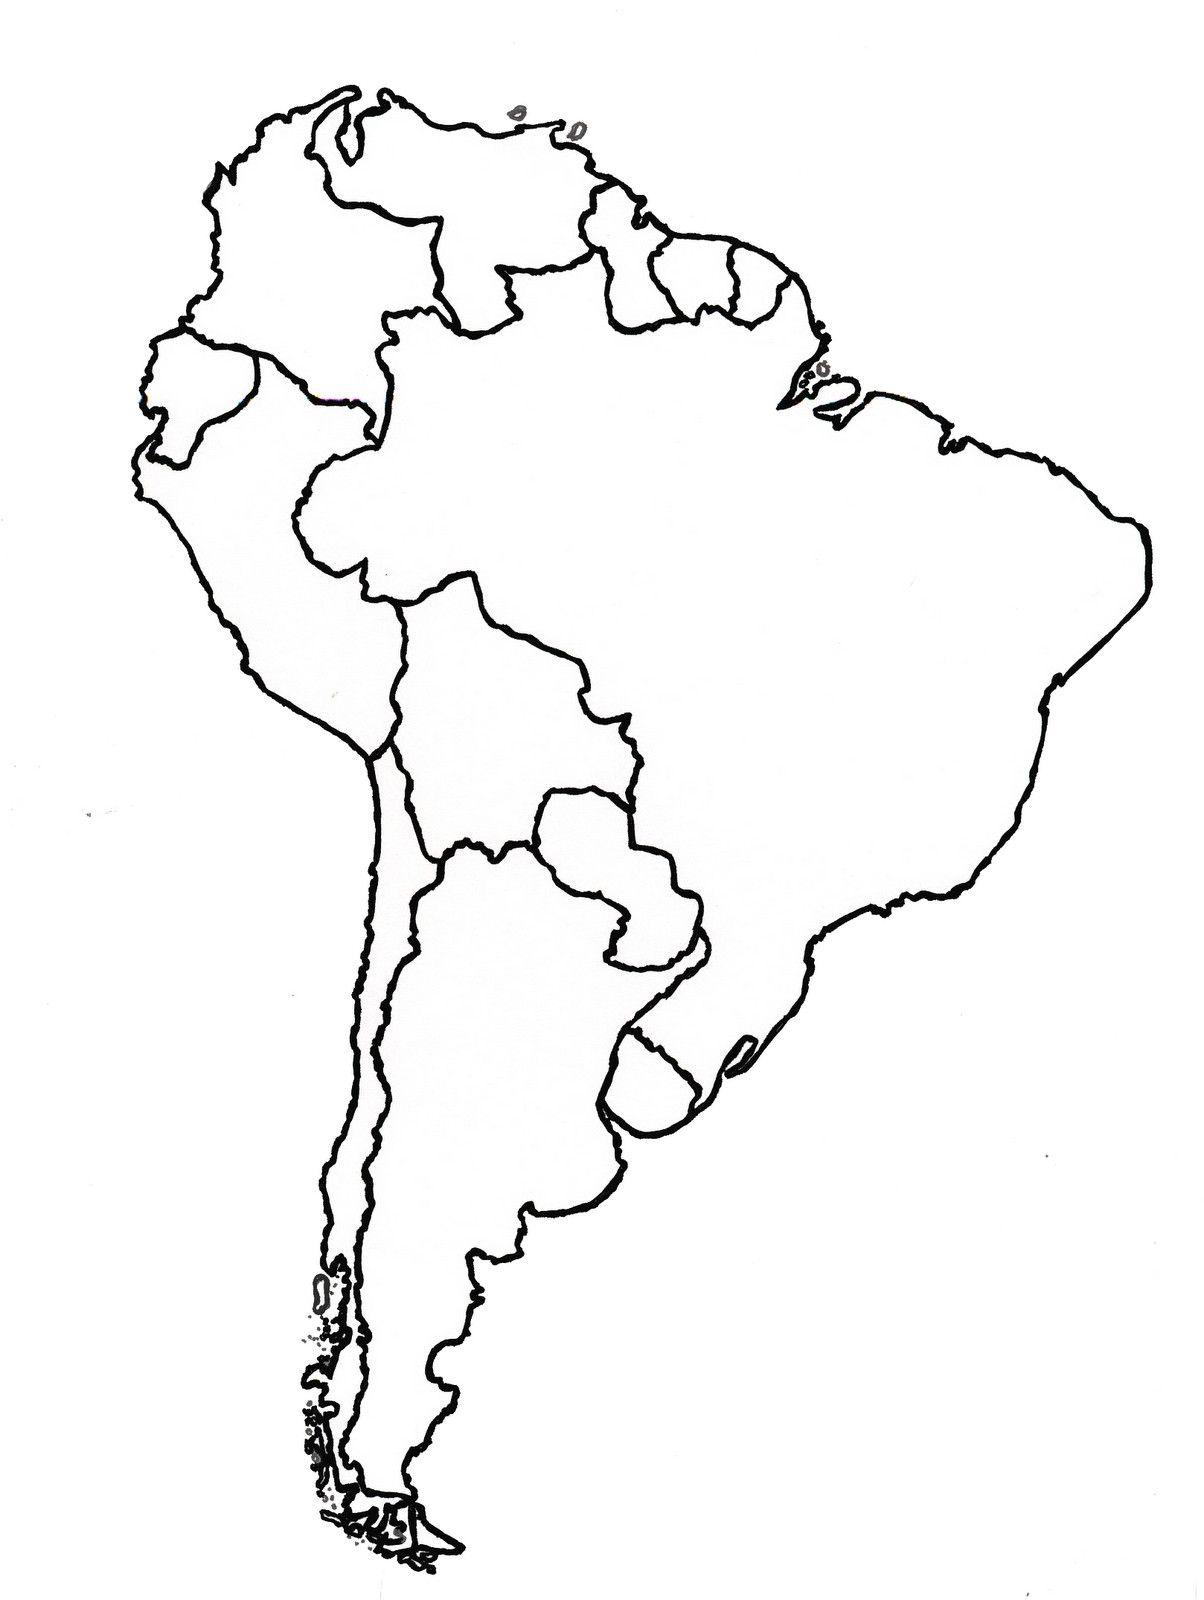 Mapa America Del Sur Politico Para Imprimir Mapa De America